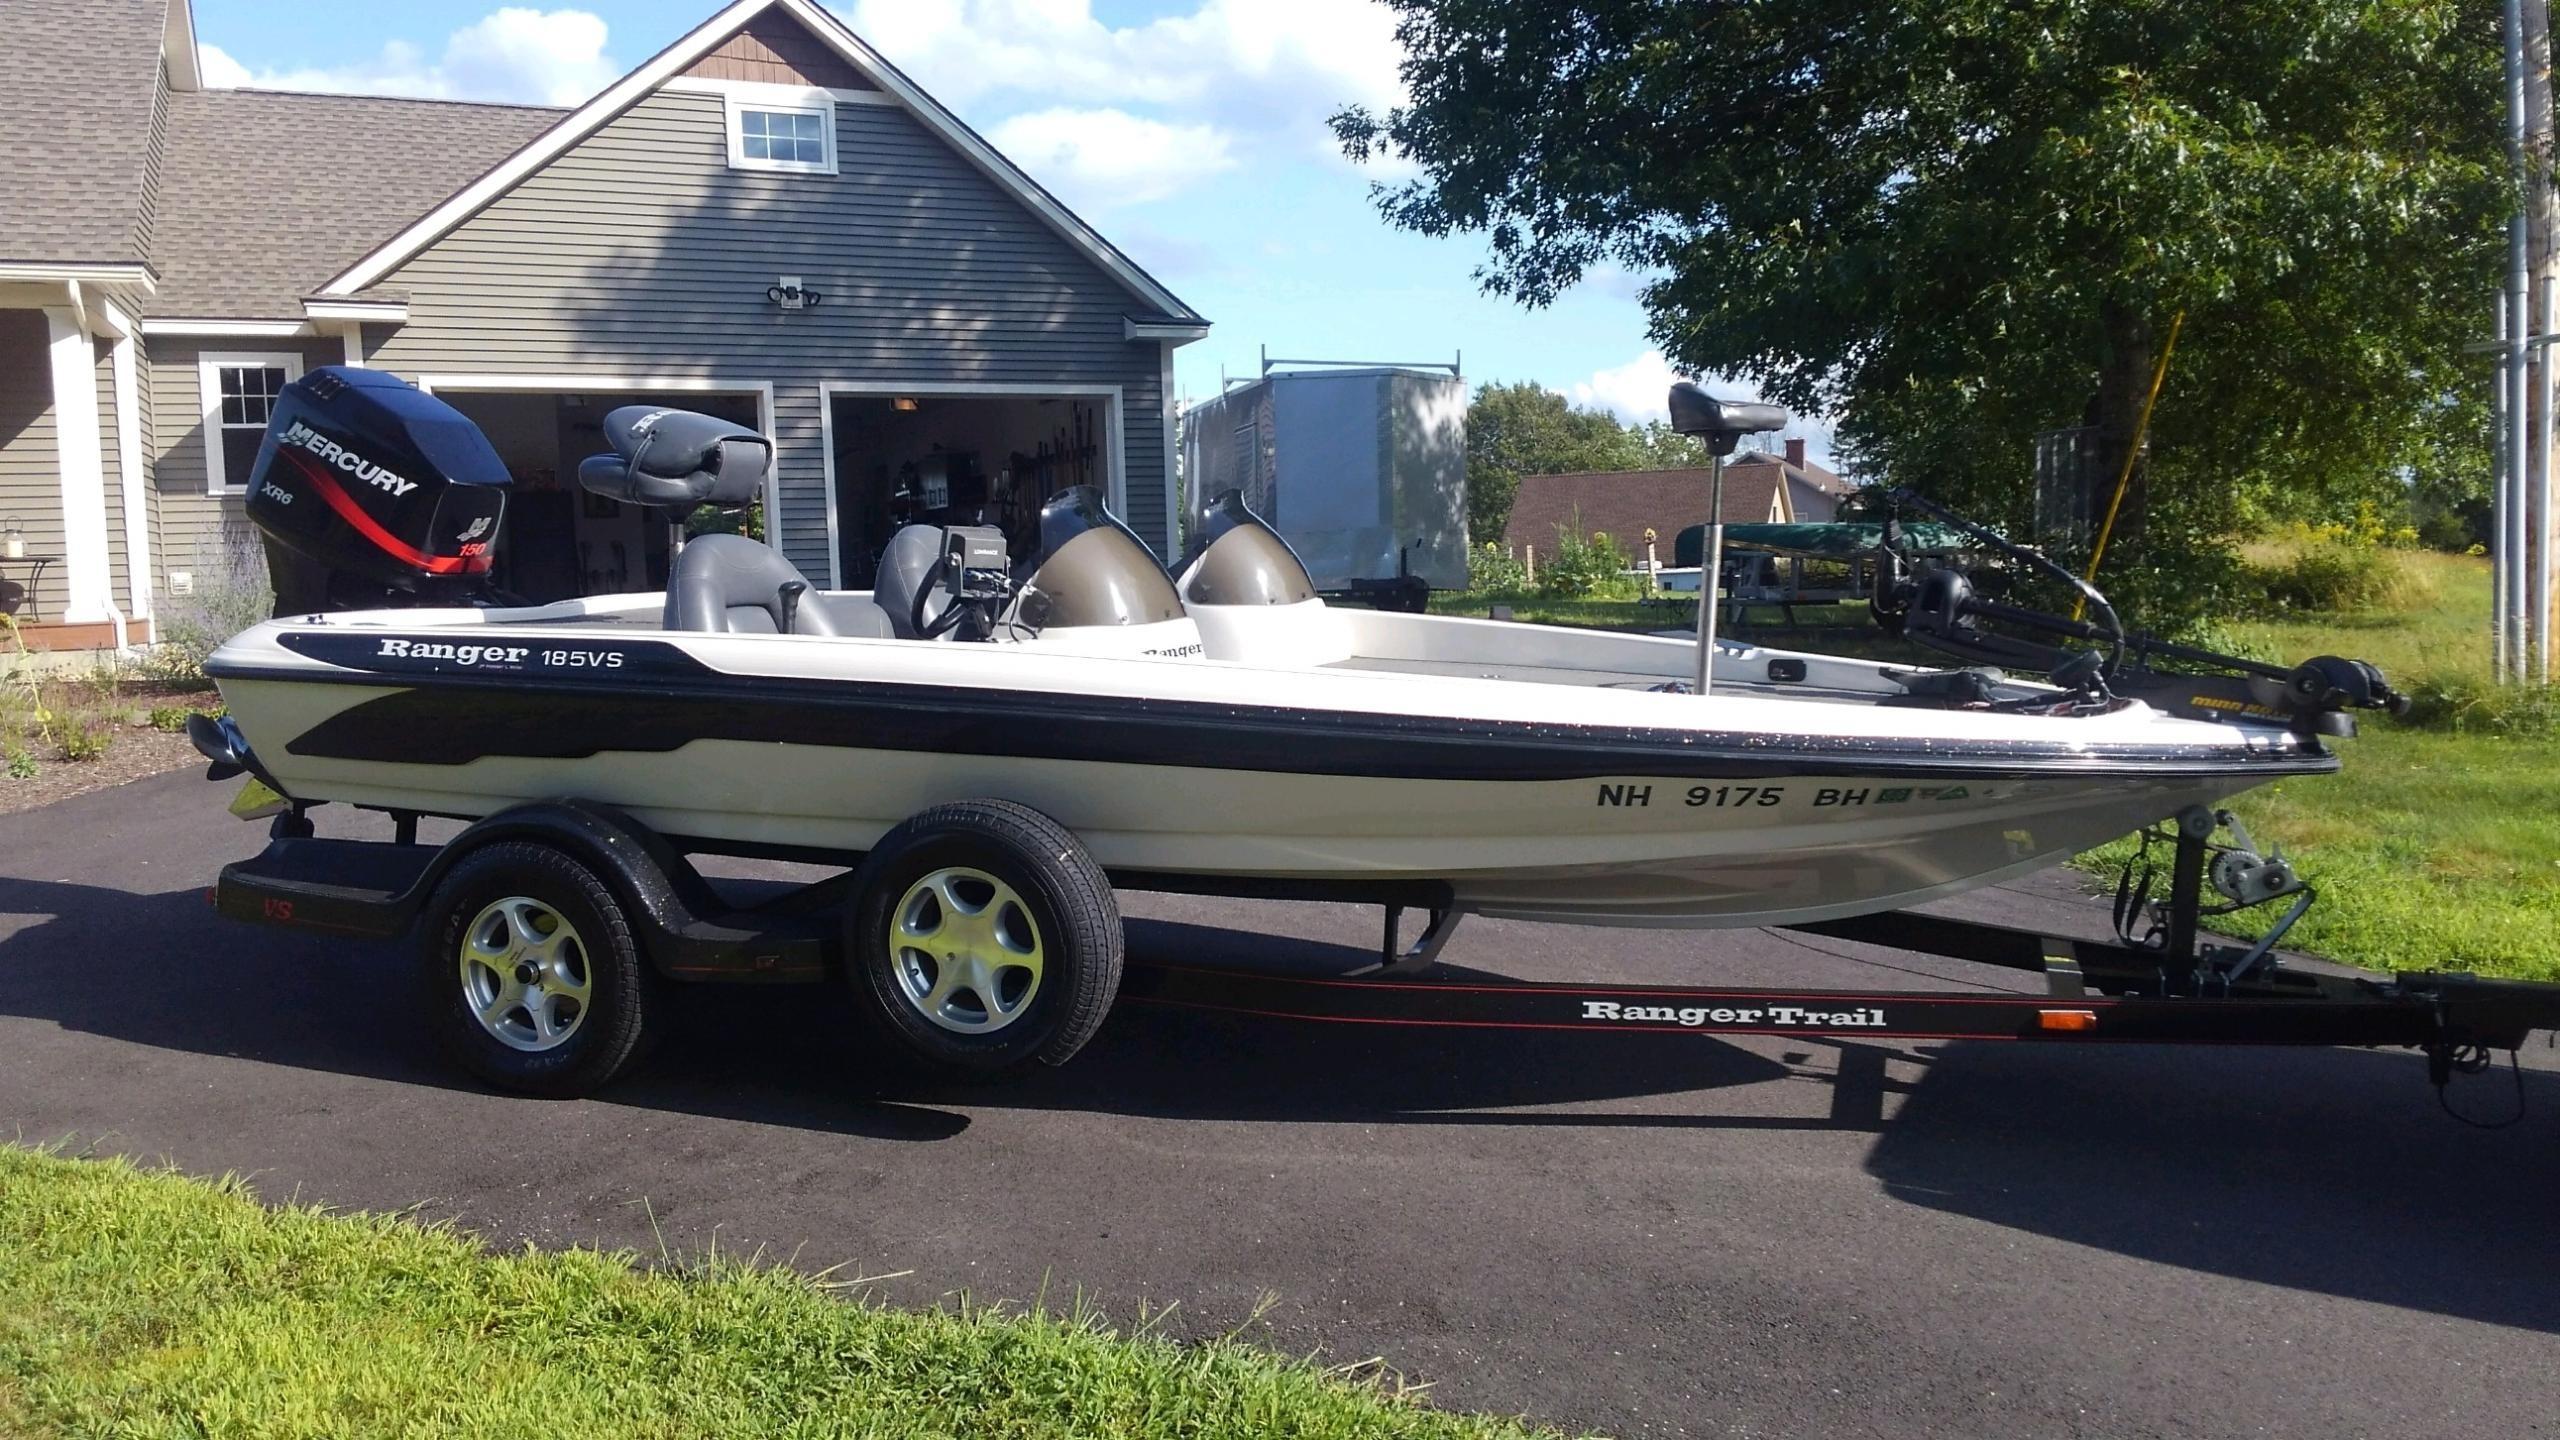 Ranger 185 Vs boats for sale - Boat Trader